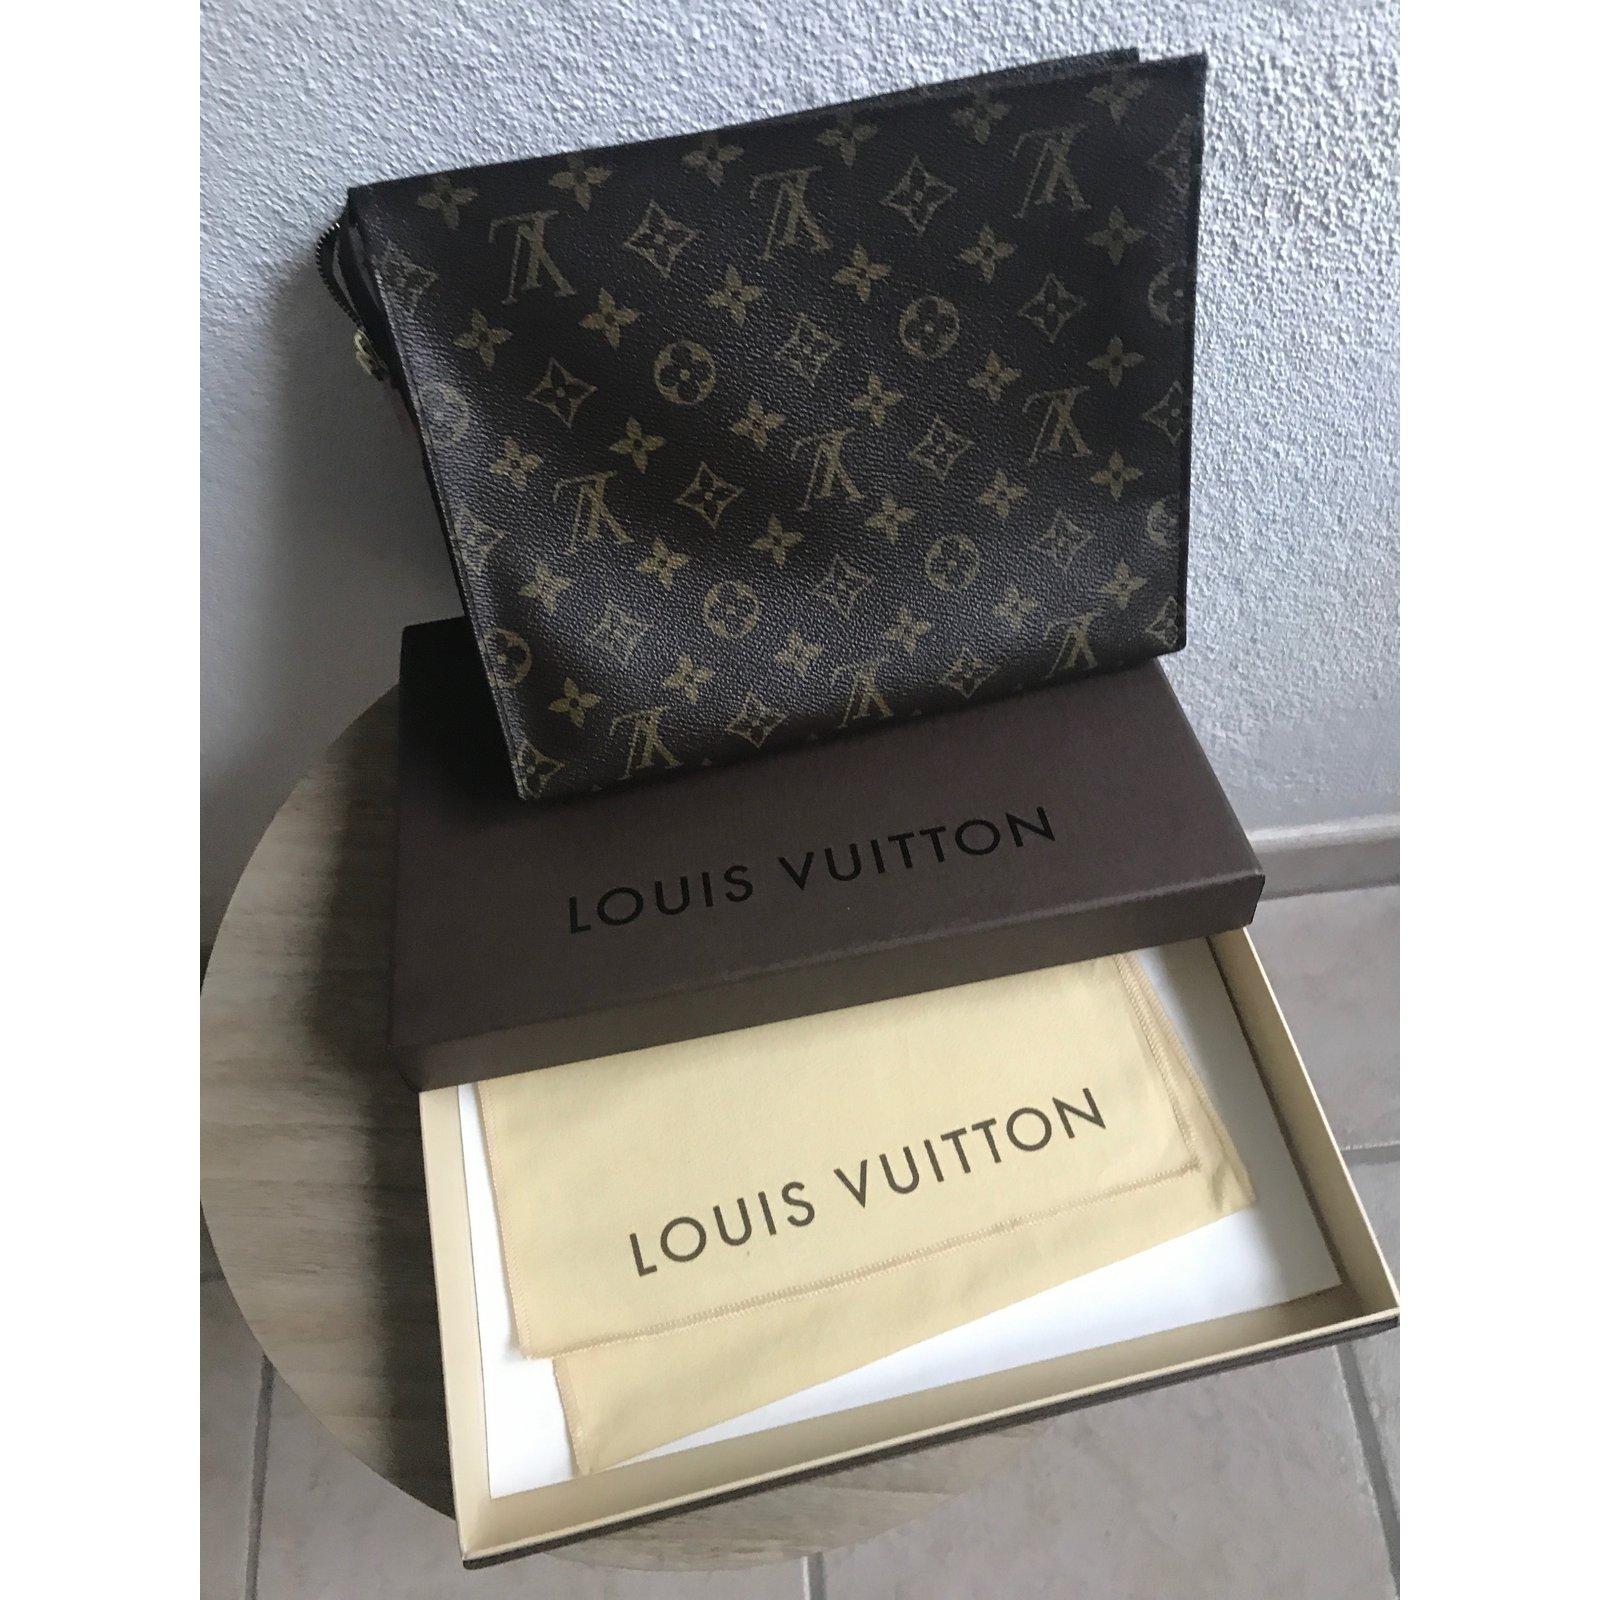 Pochettes Louis Vuitton Poche toilette 26 Cuir Marron ref.69183 - Joli  Closet d6e49284814